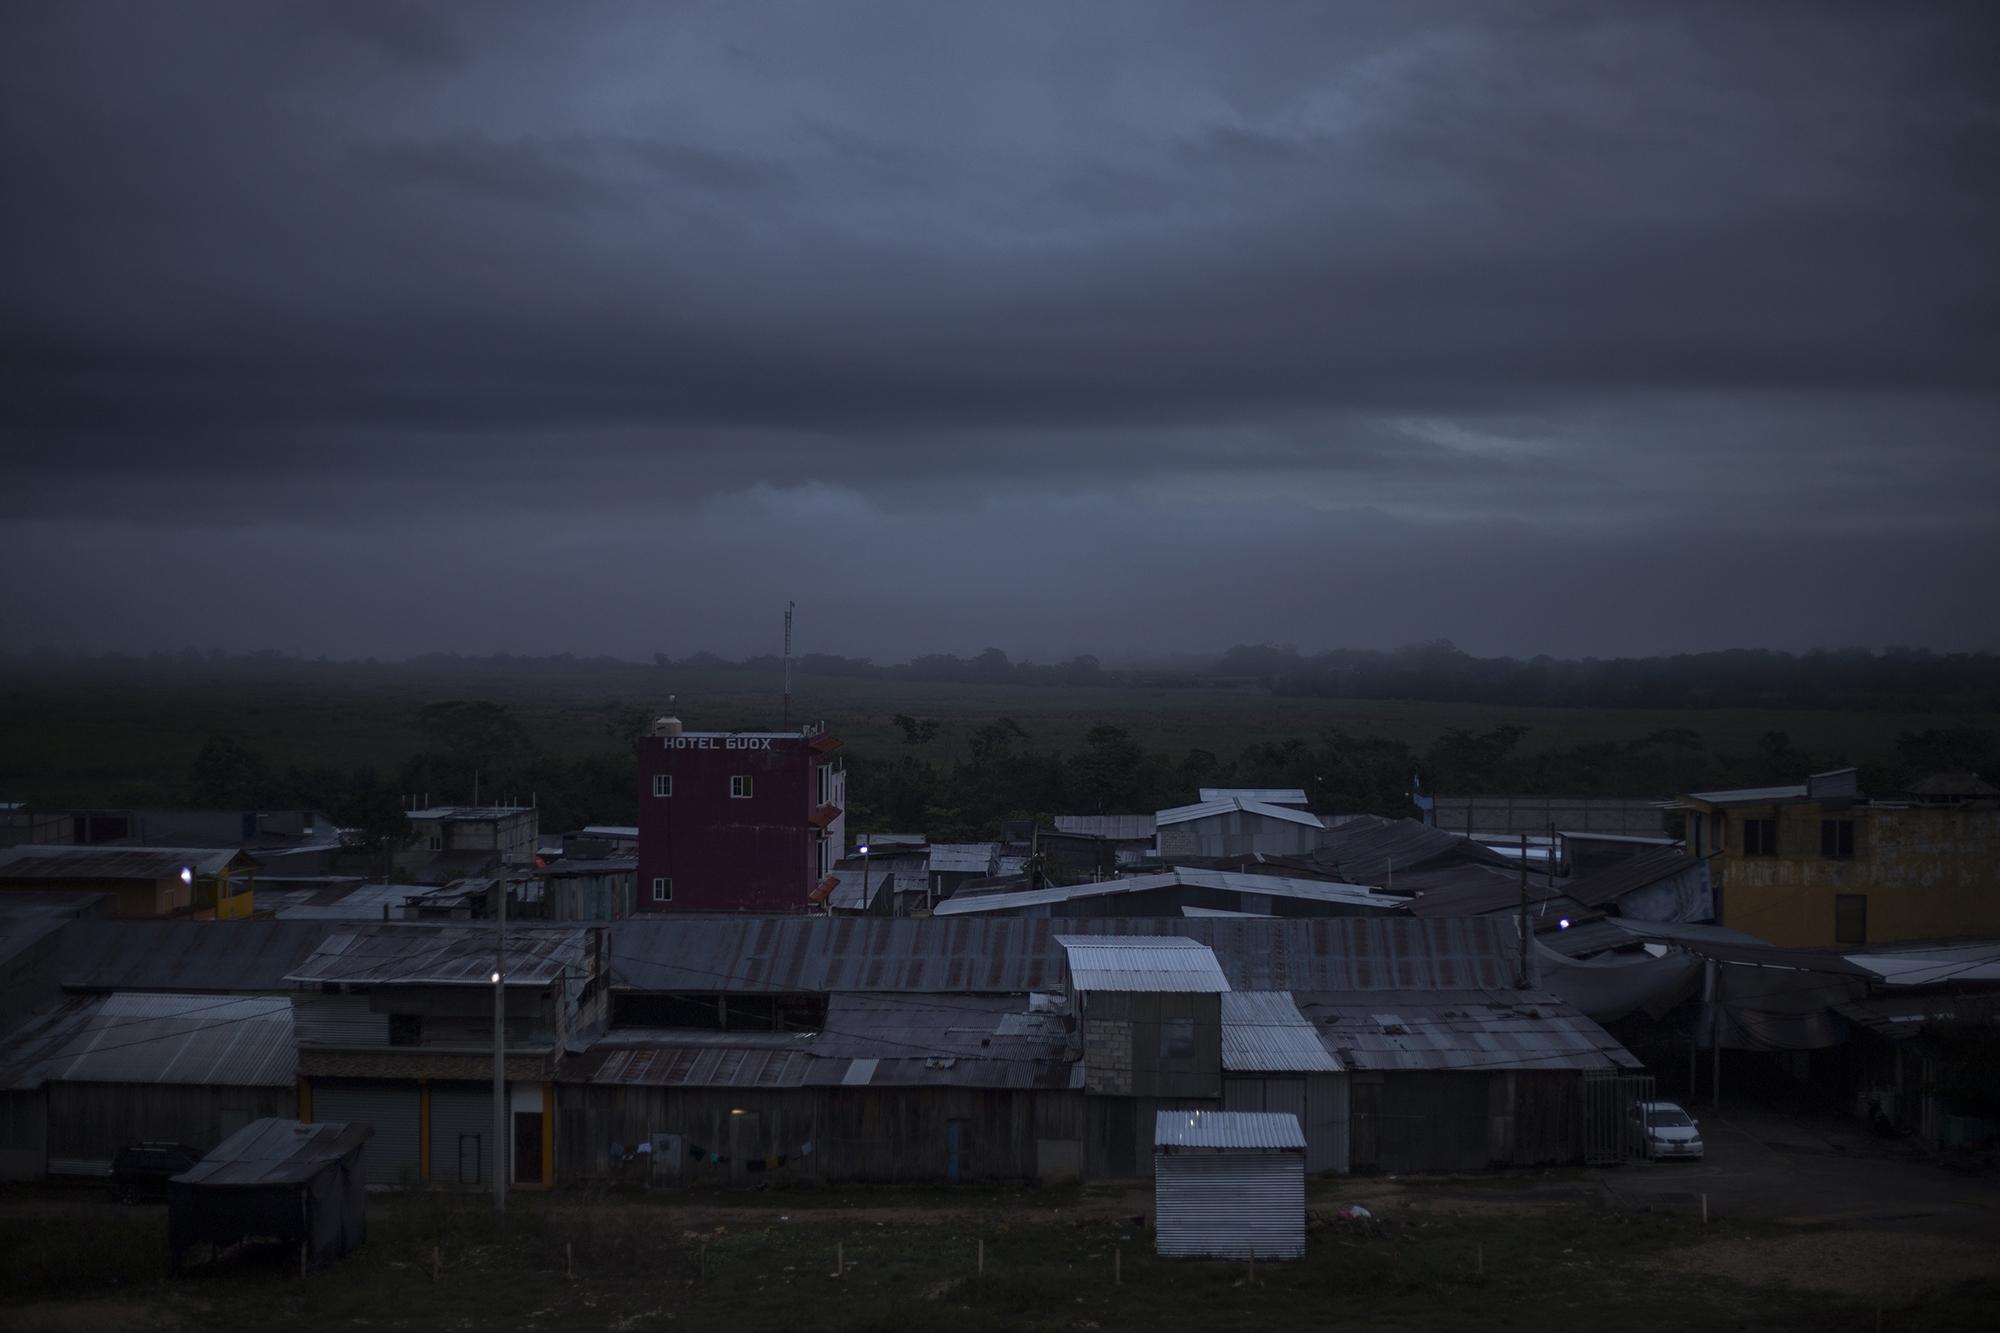 En el caserío El Ceibo habitan alrededor de mil 600 personas. A diario, un goteo migratorio rodea sus veredas de manera clandestina. Esta vez, cientos de hondureños y unas decenas de salvadoreños inundaron sus calles y convirtieron El Ceibo en el centro de la frontera cerrada mexicana. Foto: Víctor Peña.